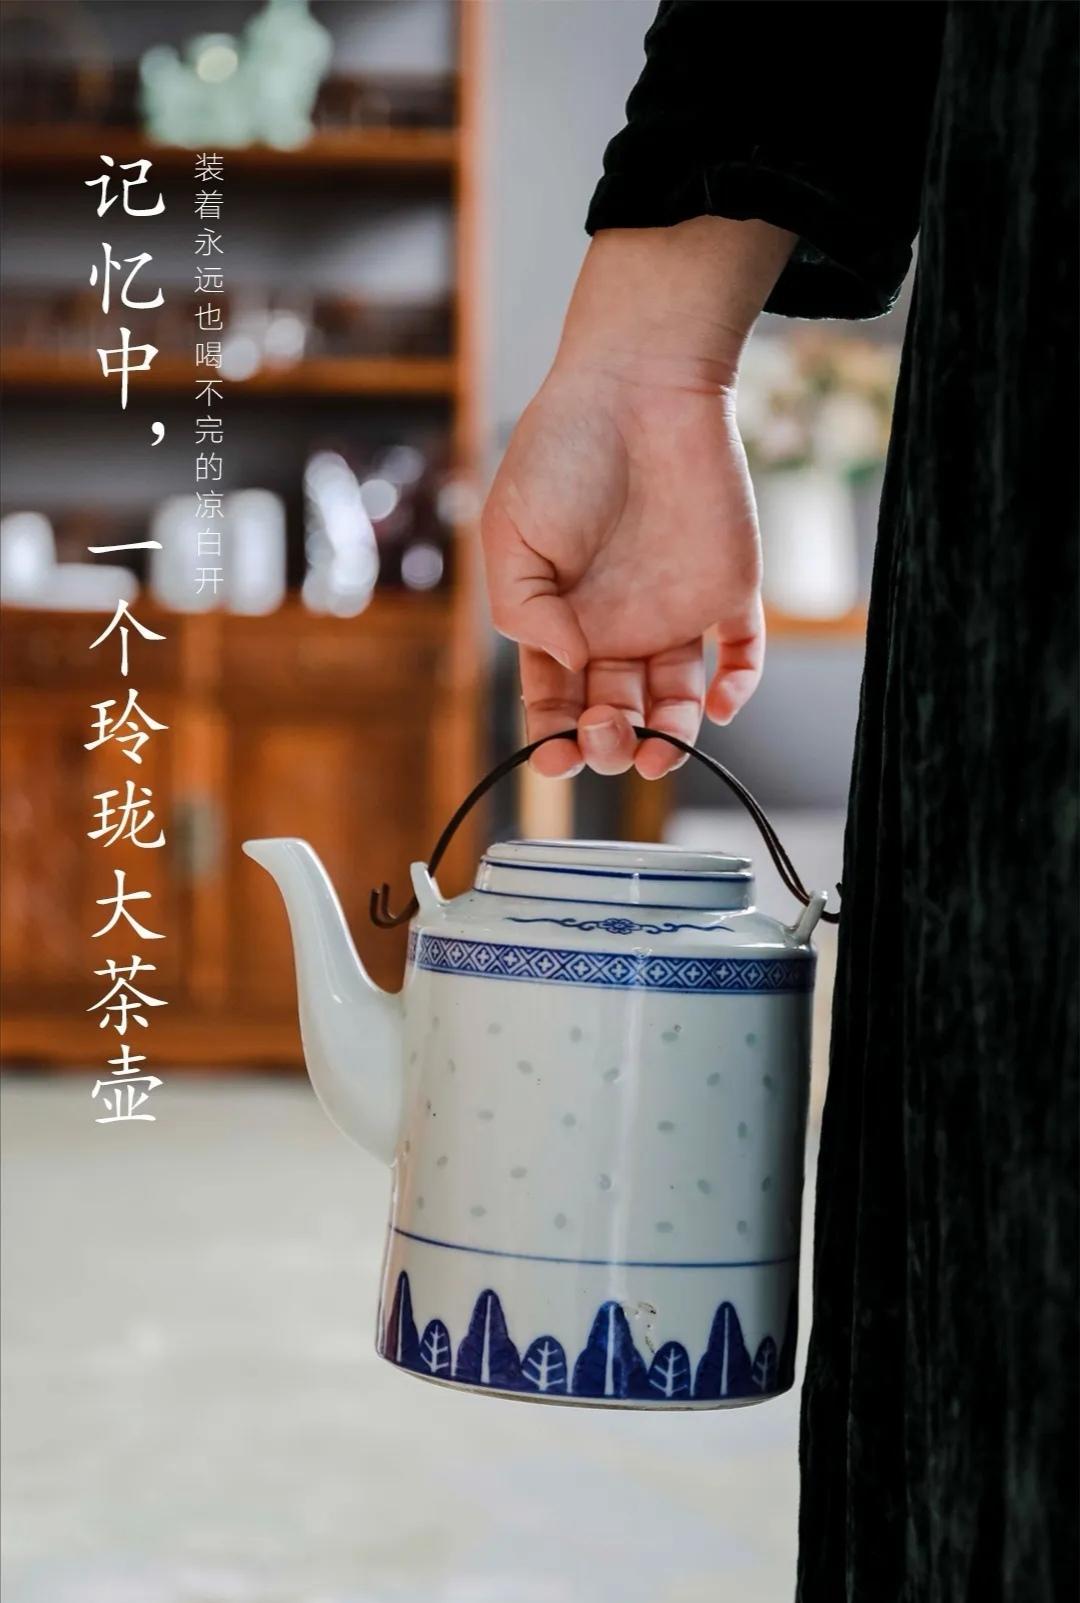 望龙品牌旗下综合陶瓷购物平台